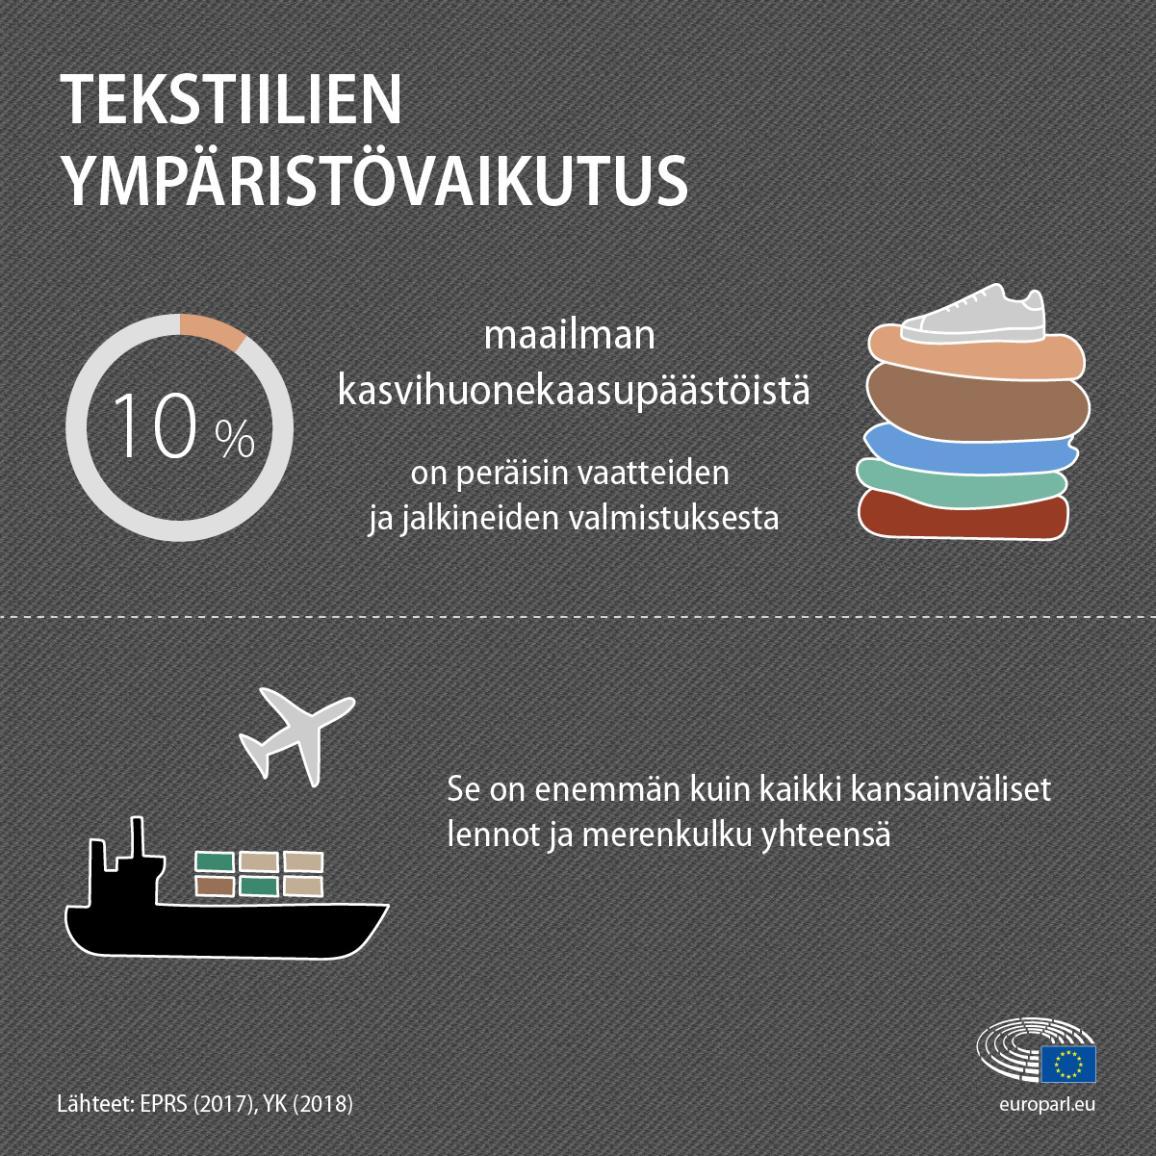 Infografiikka, jossa on faktoja ja lukuja tekstiilien ympäristövaikutuksista